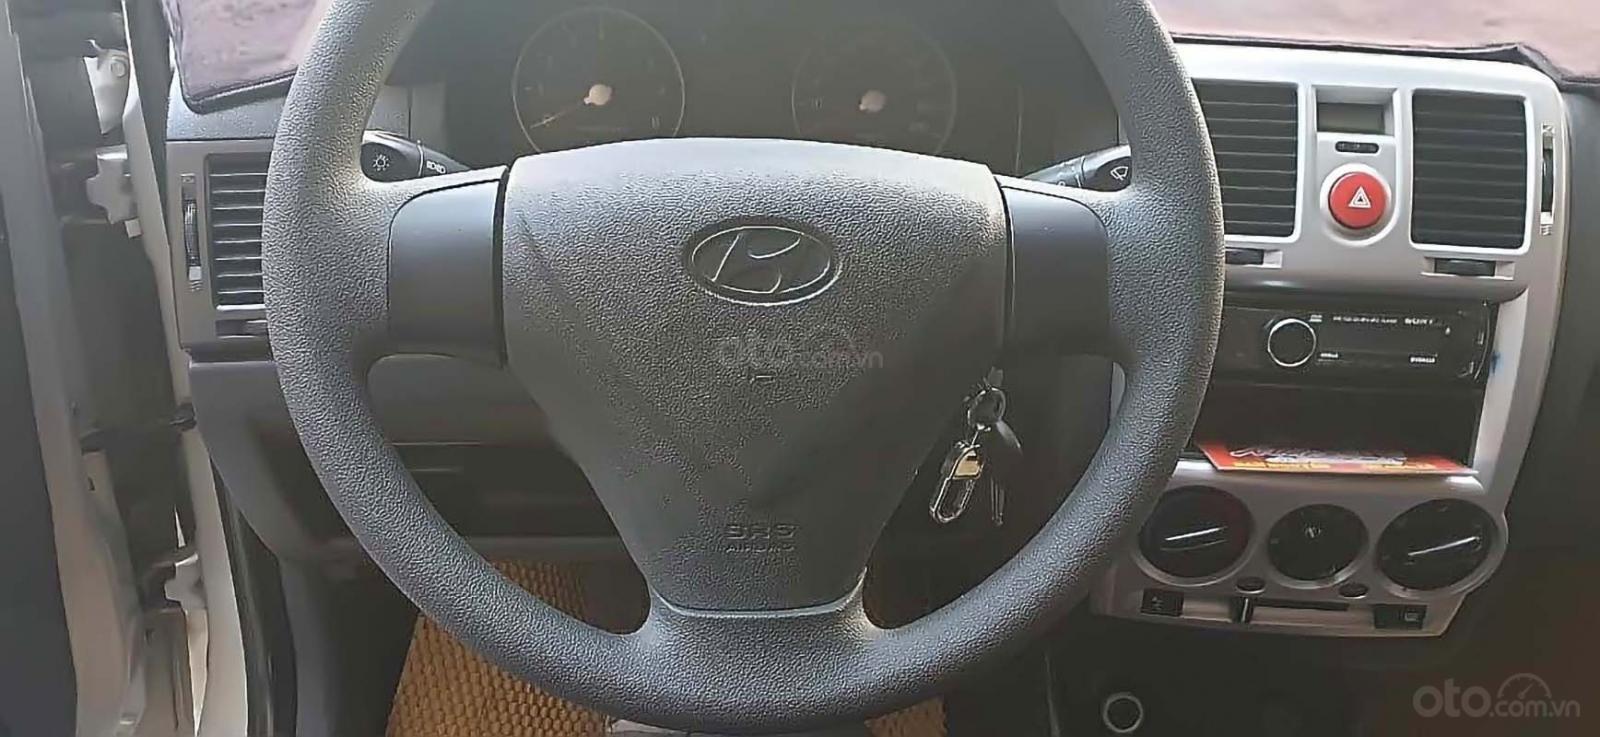 Bán Hyundai Getz 1.1 MT năm sản xuất 2009, màu bạc, nhập khẩu  (3)